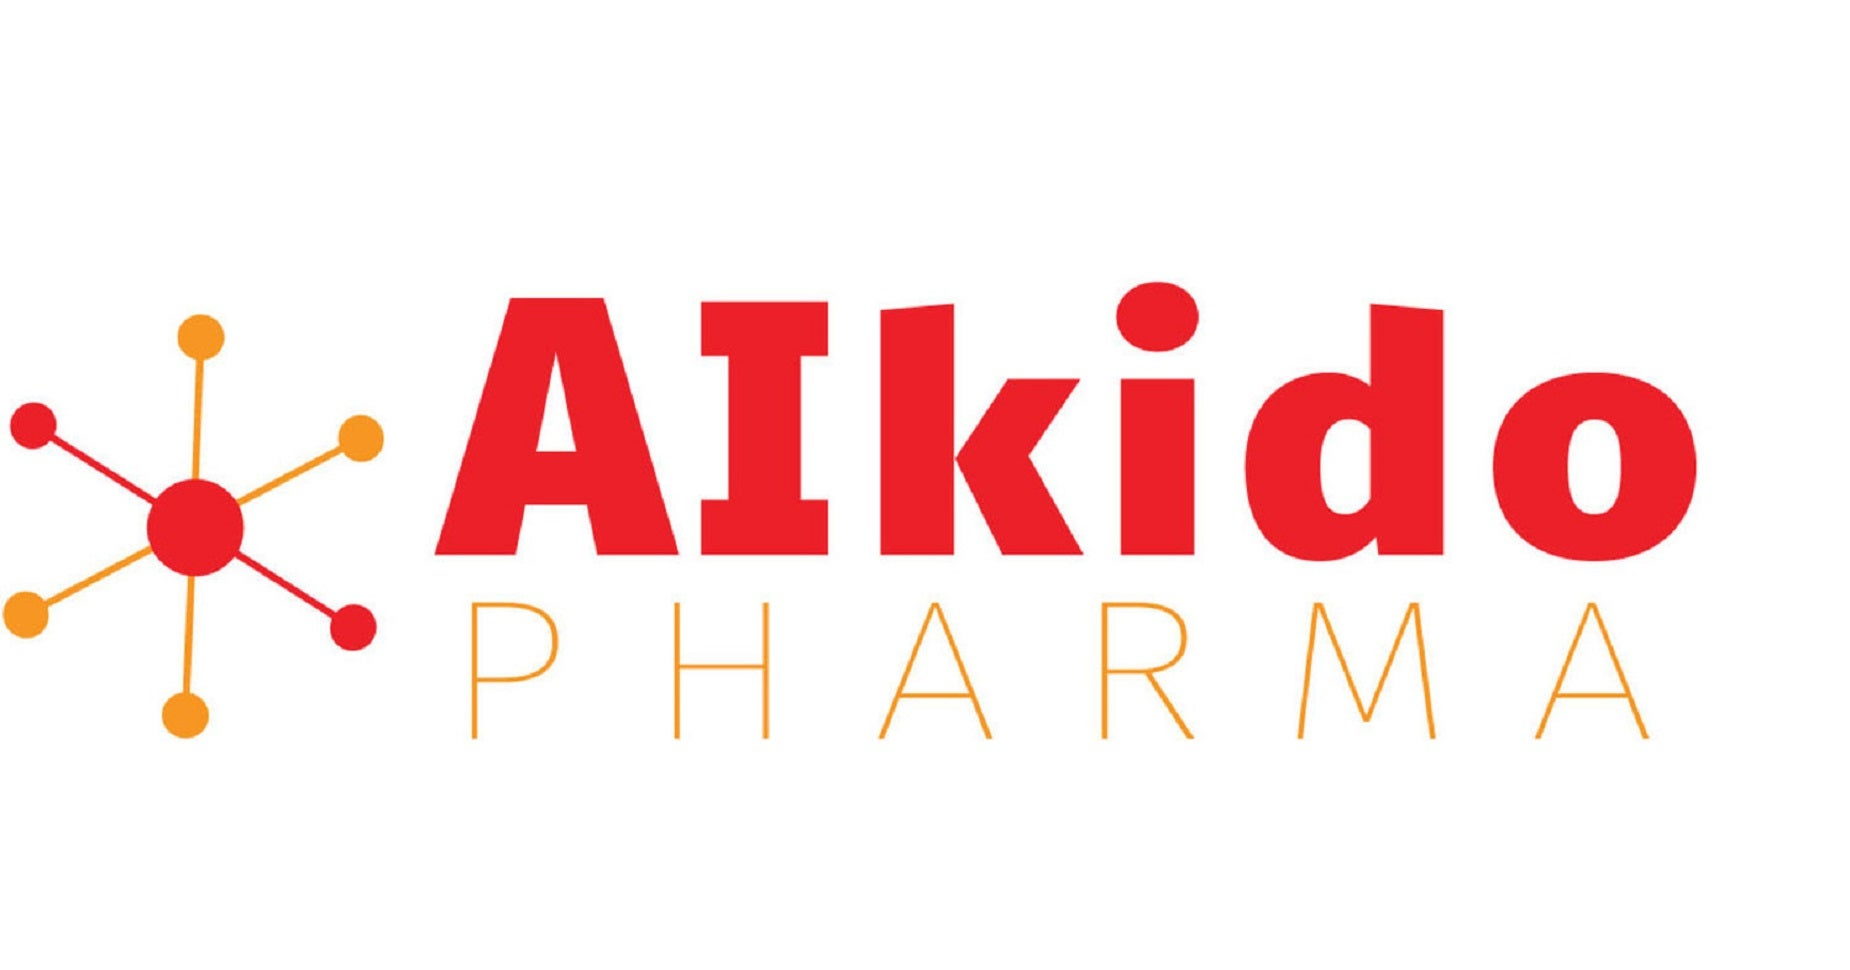 AIKI logo